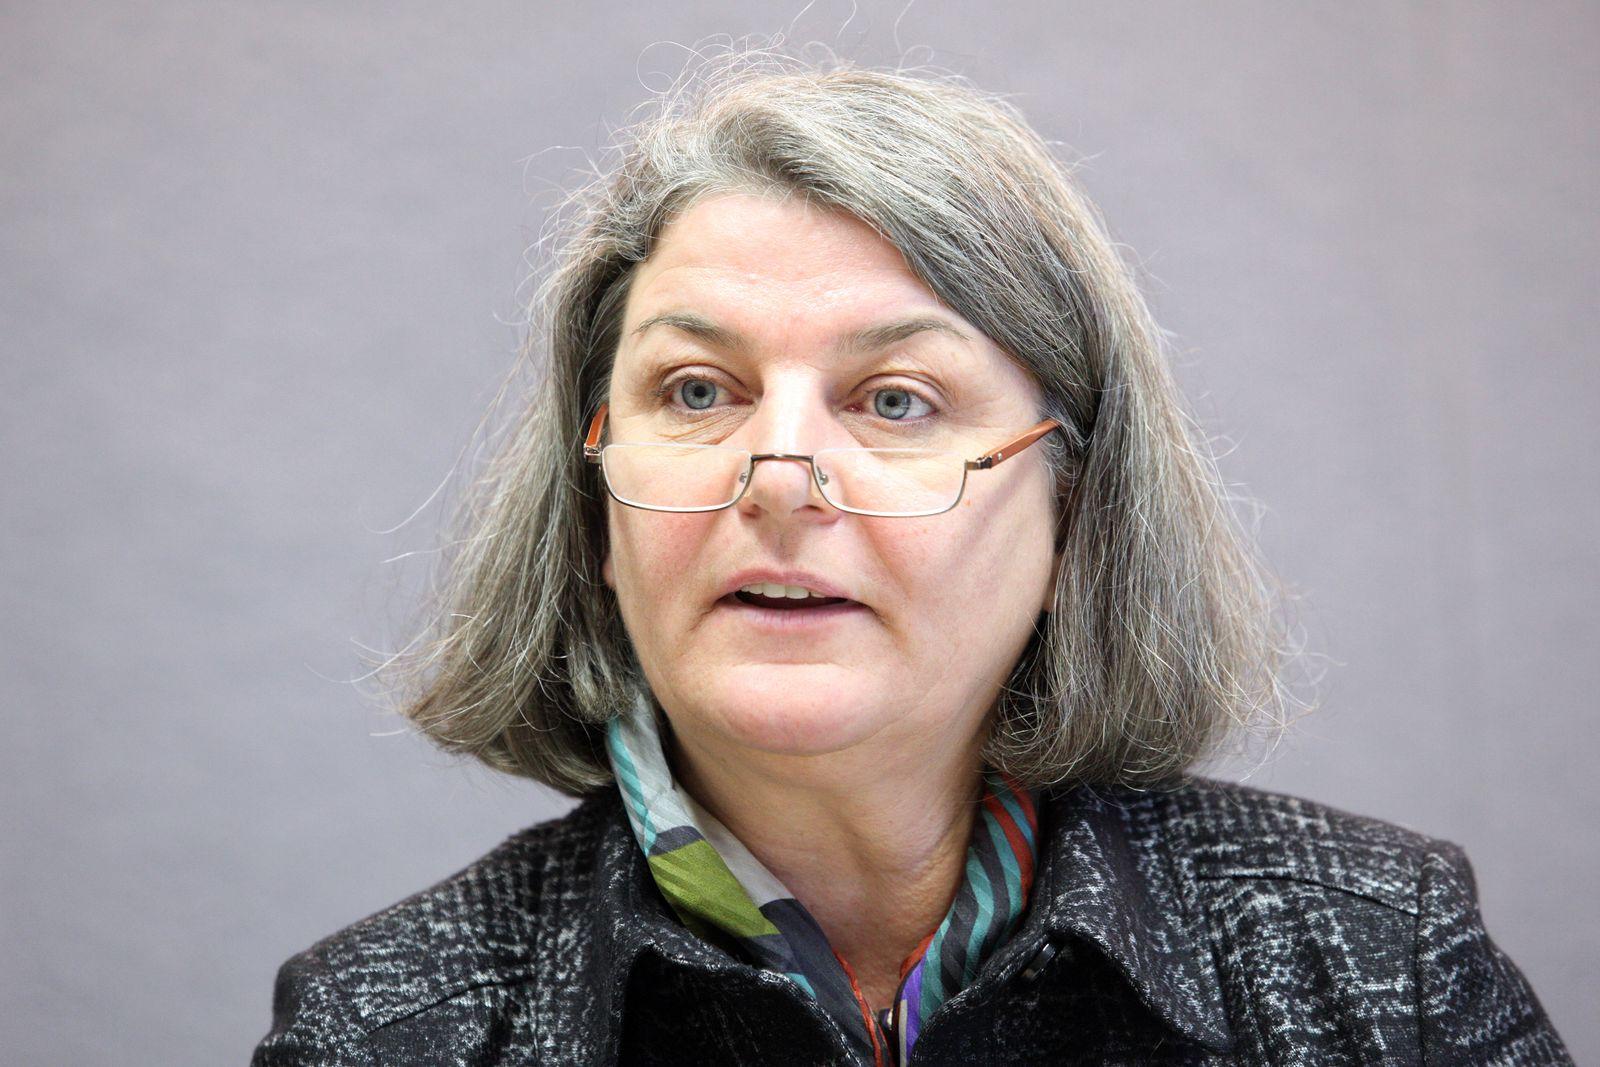 Colette Hercher